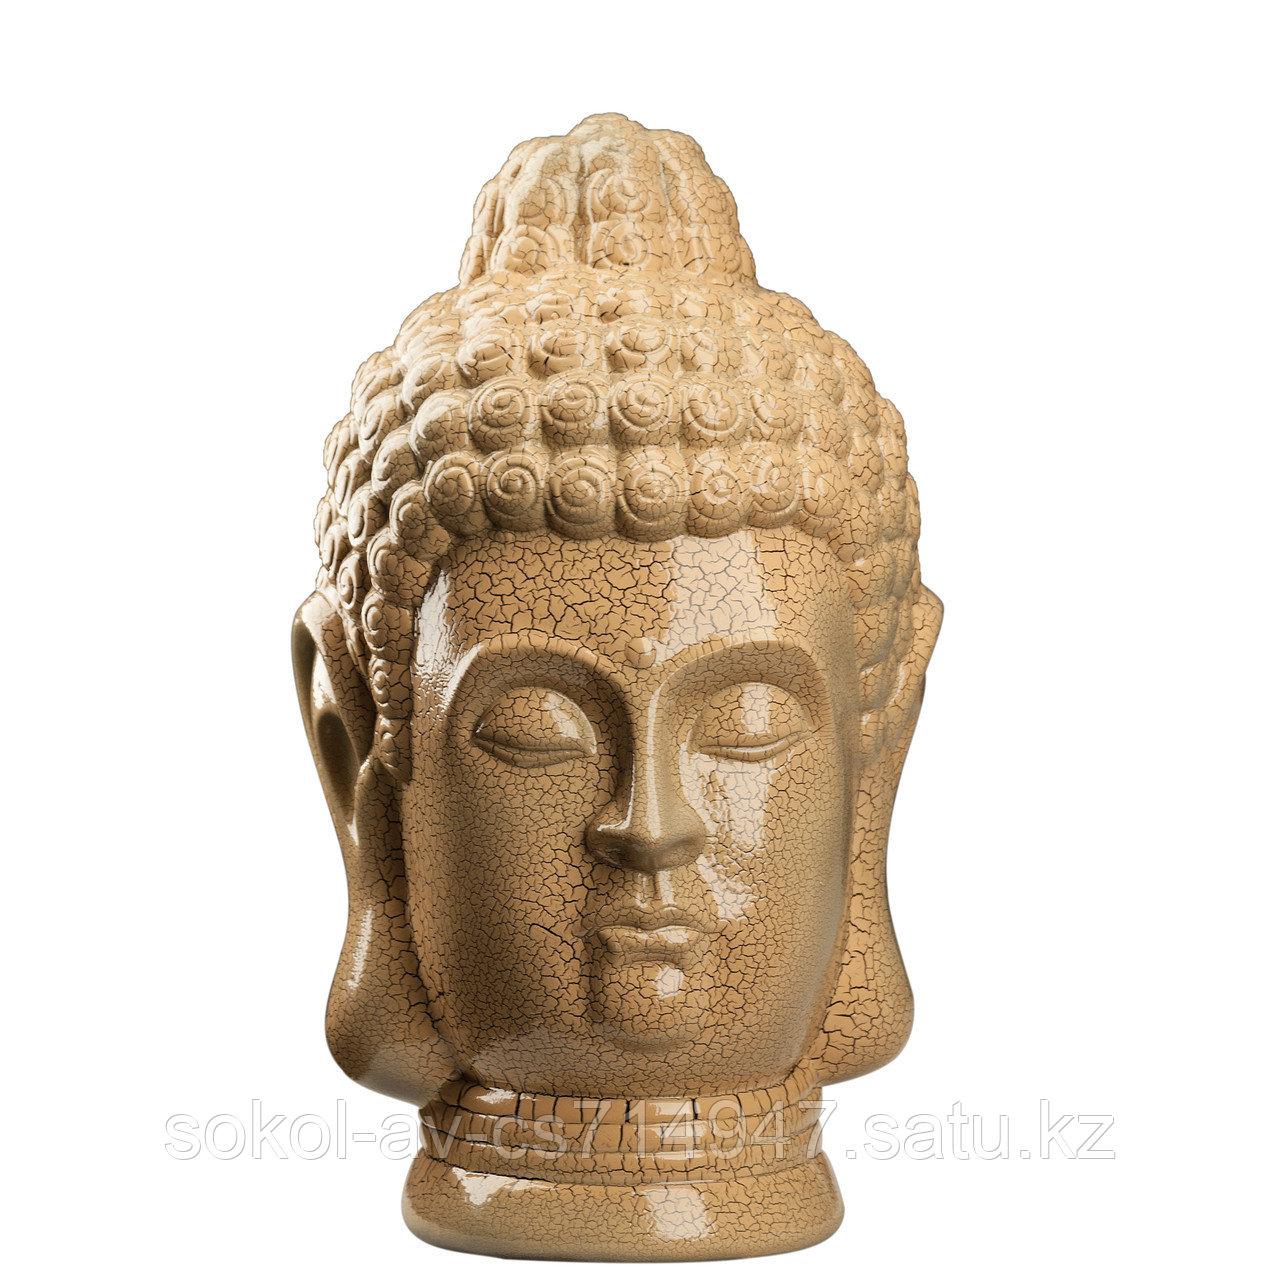 Статуэтка Будда The Buddha, подарок буддисту, керамика, 31*19*19 см, беж